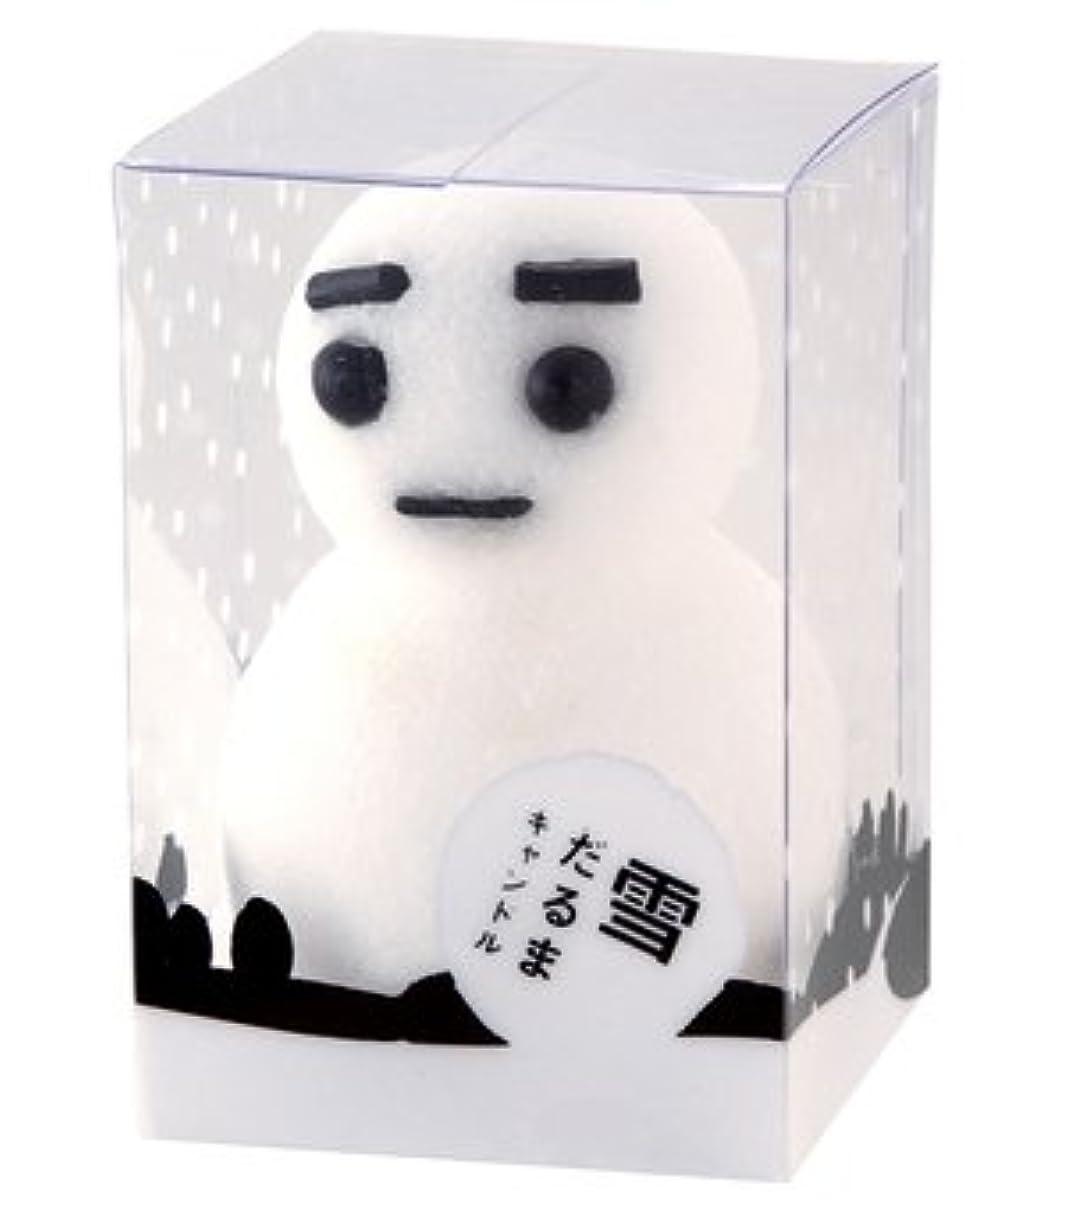 敷居逸話環境に優しい雪だるまキャンドルM 21510010